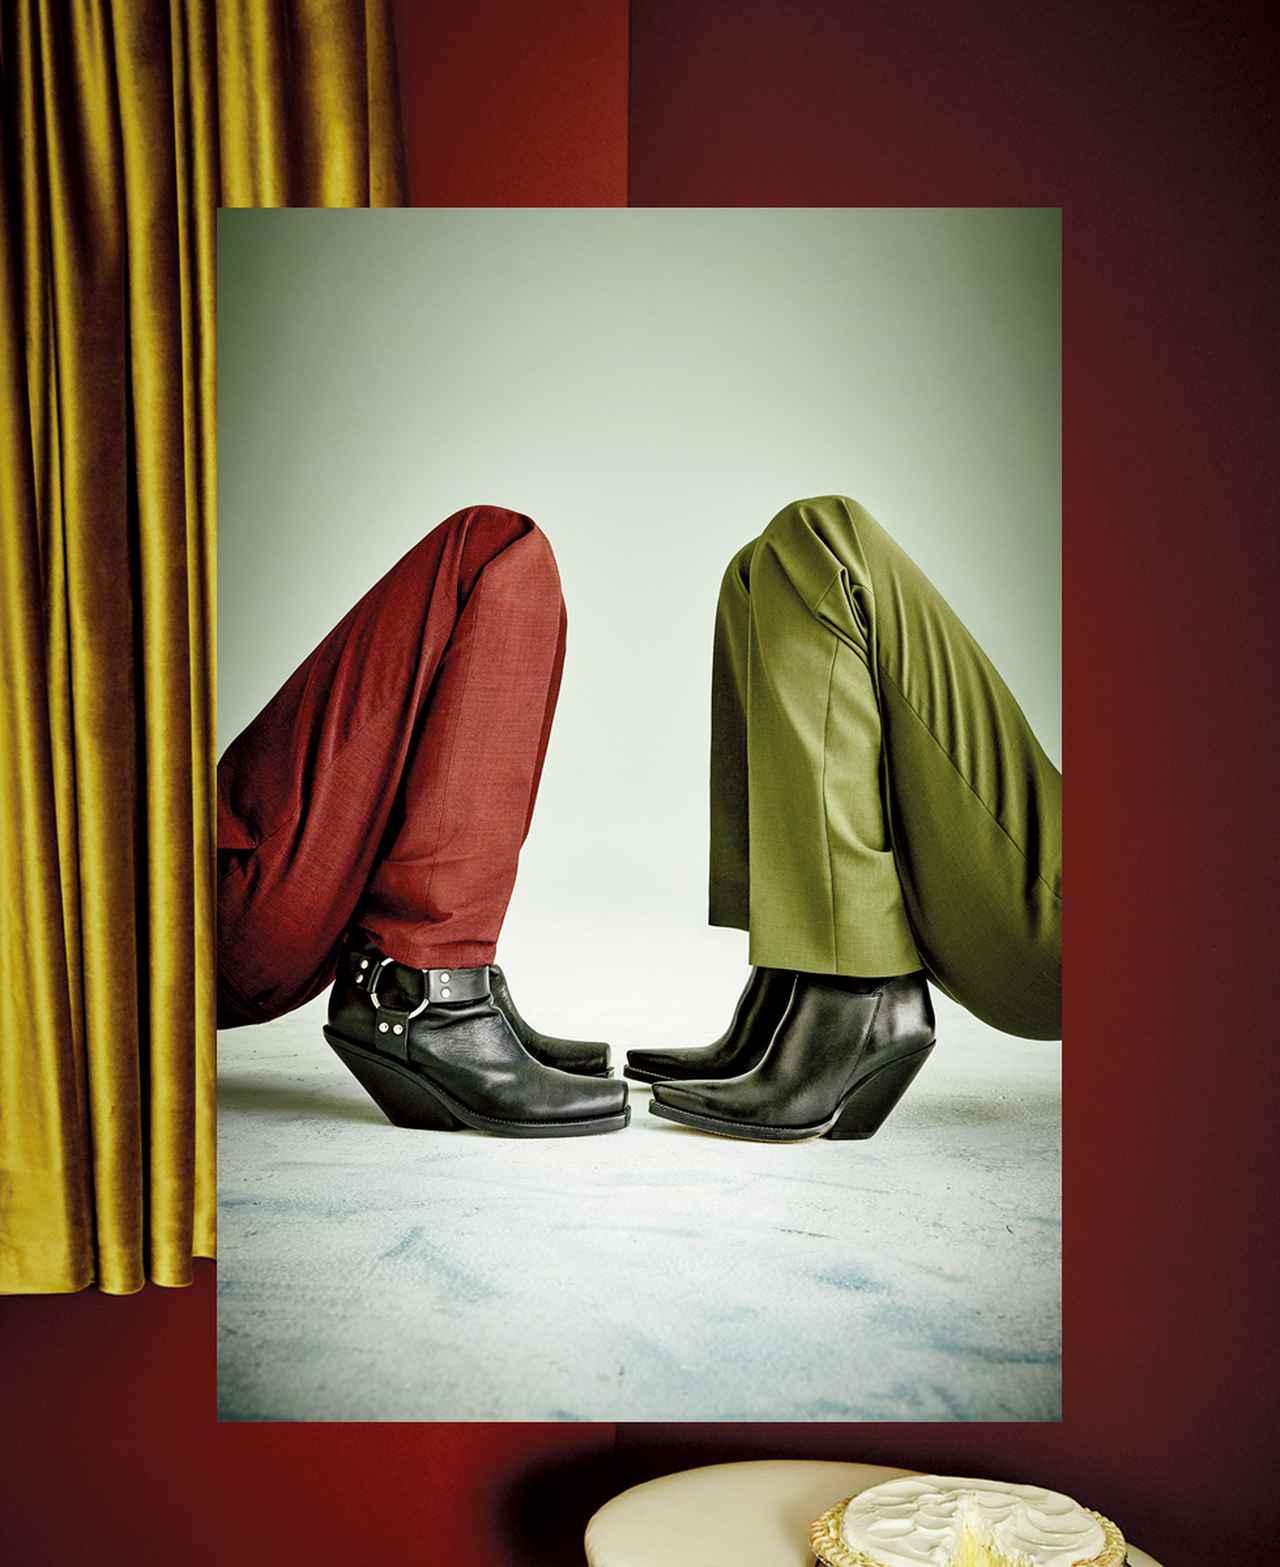 Images : 1番目の画像 - 「カウボーイ風だけど都会的!? ブーツ×70年代風ウールパンツ」のアルバム - T JAPAN:The New York Times Style Magazine 公式サイト